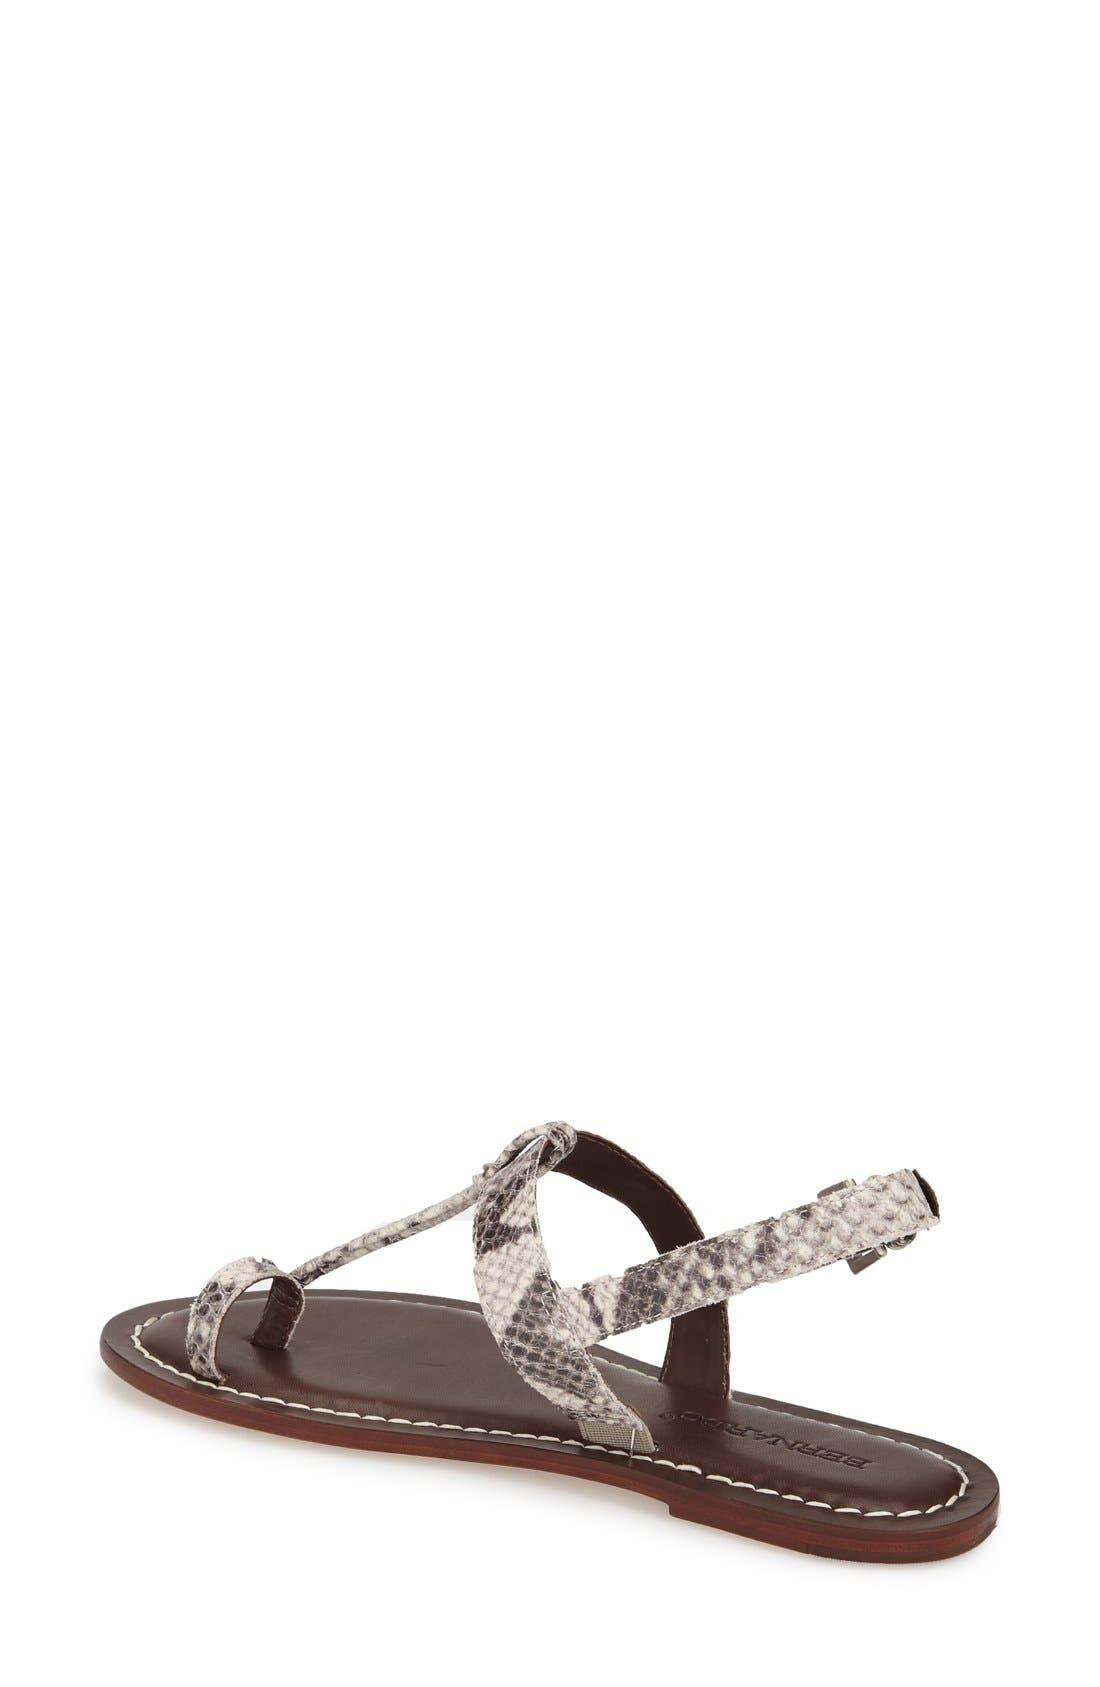 Bernardo Maverick Leather Sandal,                             Alternate thumbnail 2, color,                             Taupe Snake Print